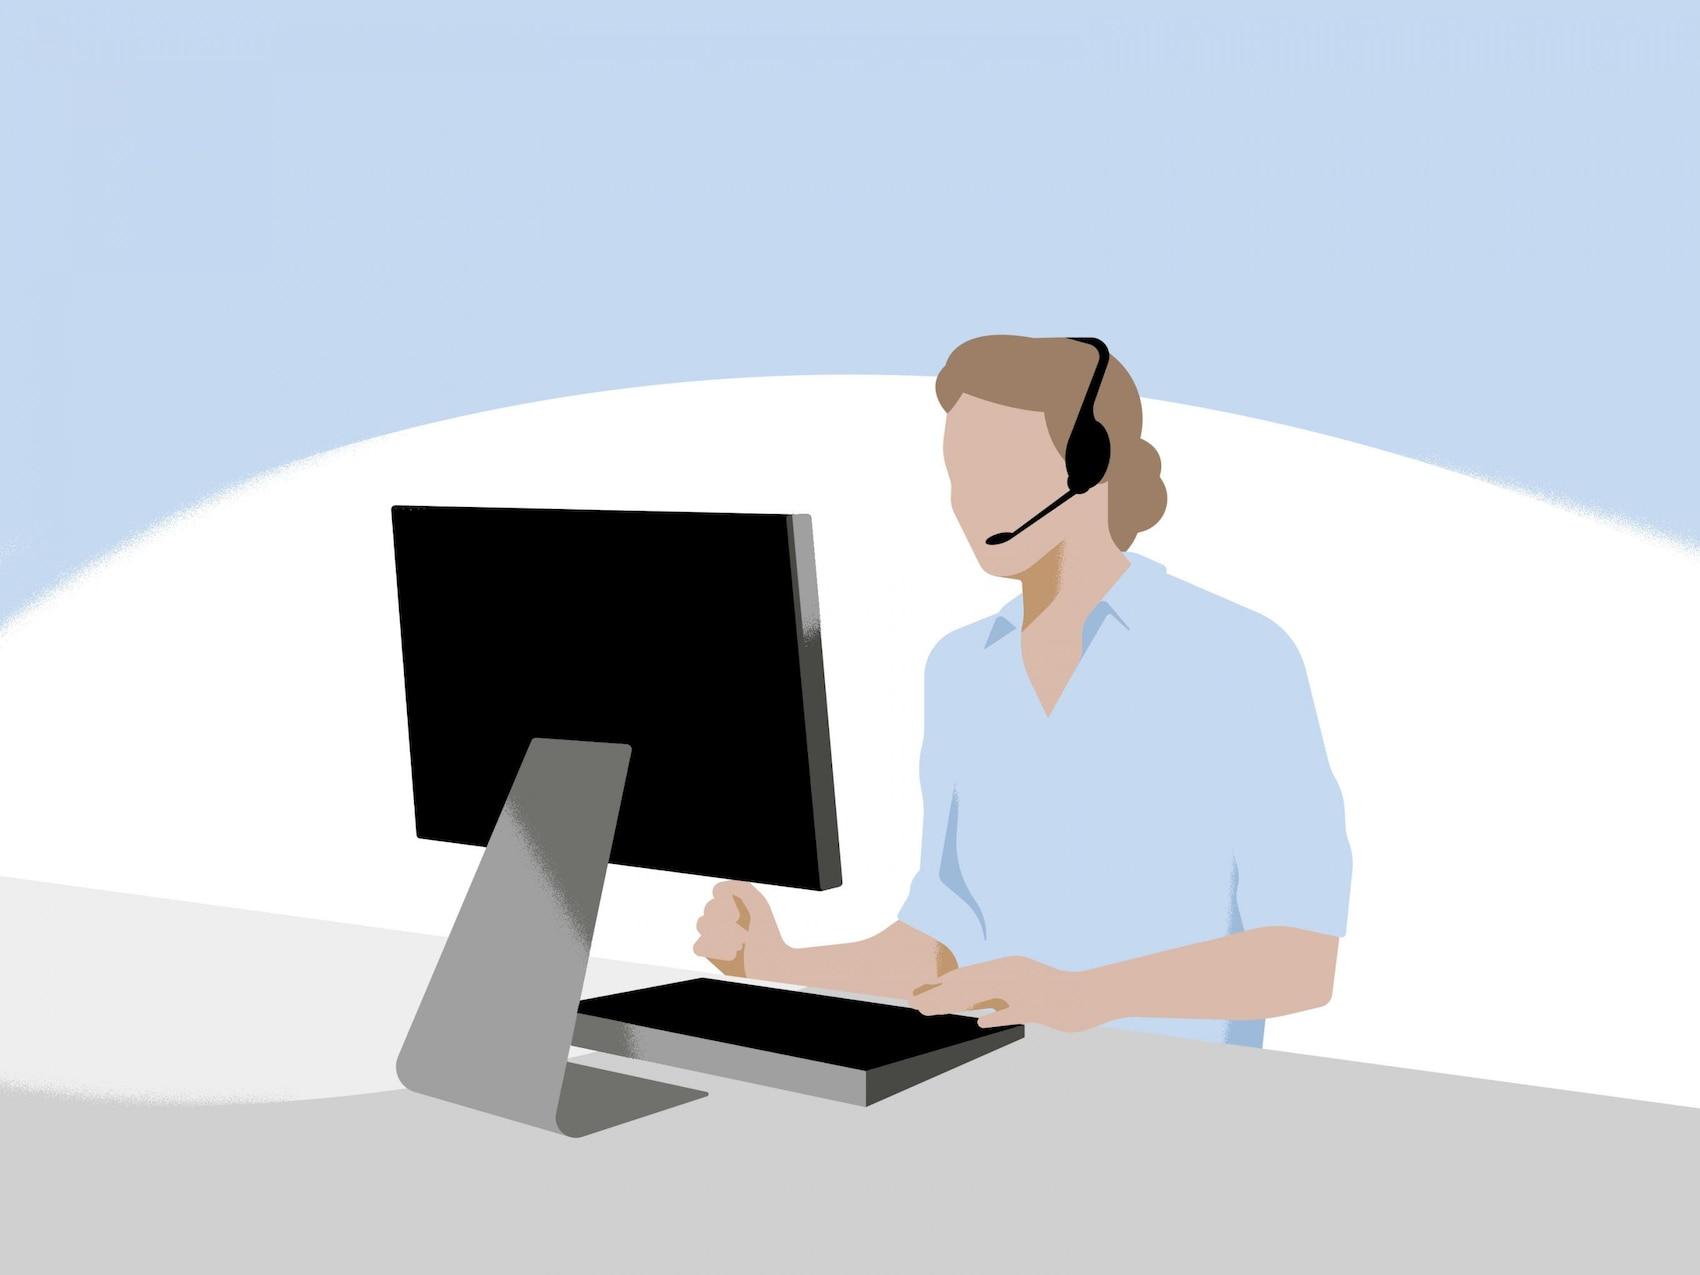 Mann mit Headset sitzt vor einem Computer